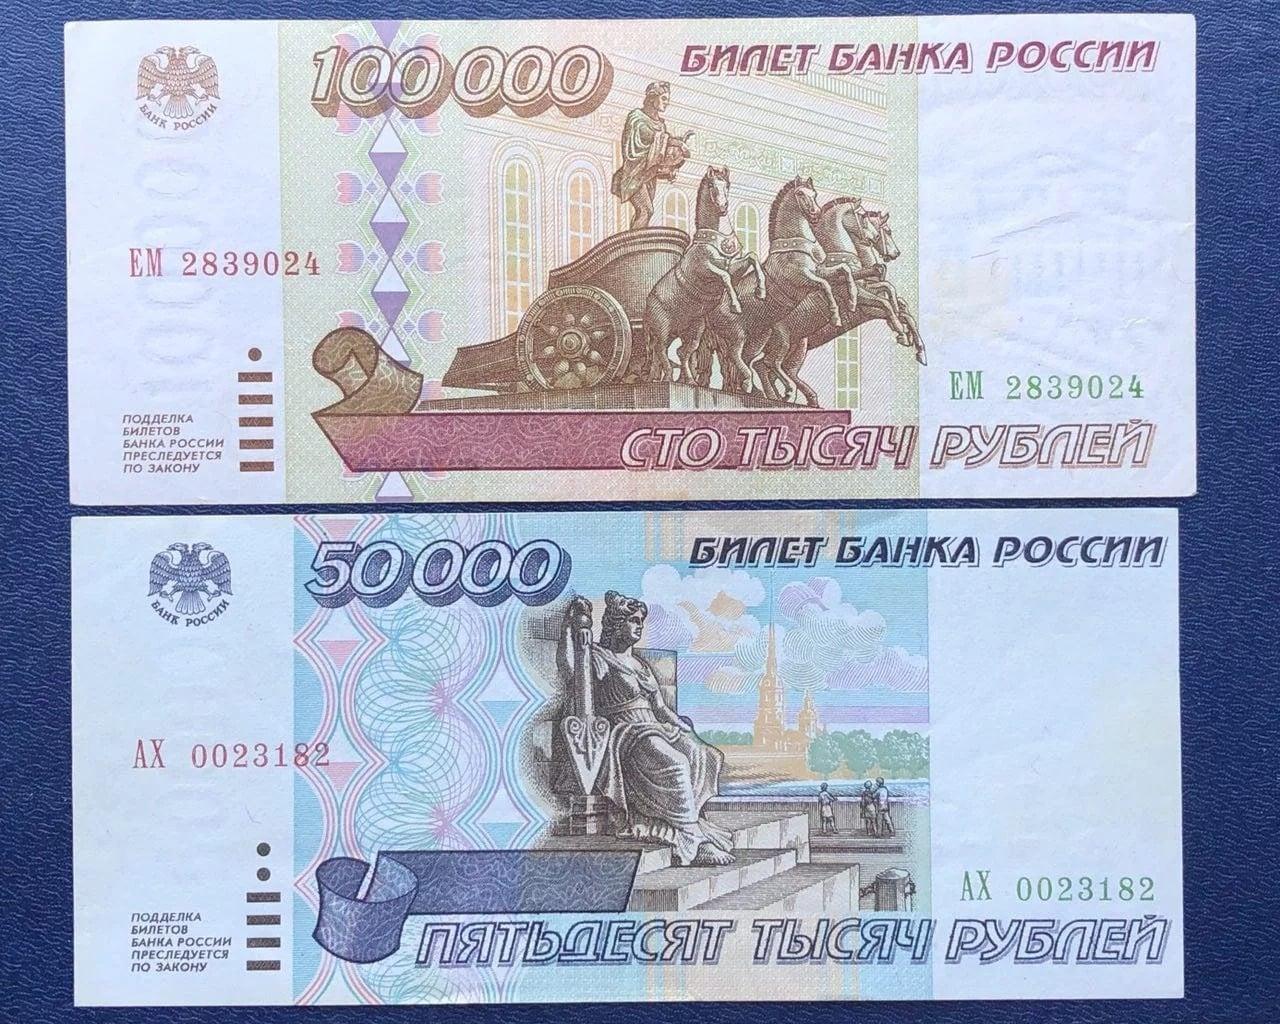 Денежная реформа в России: будет или нет в 2019 году, прогнозы аналитиков